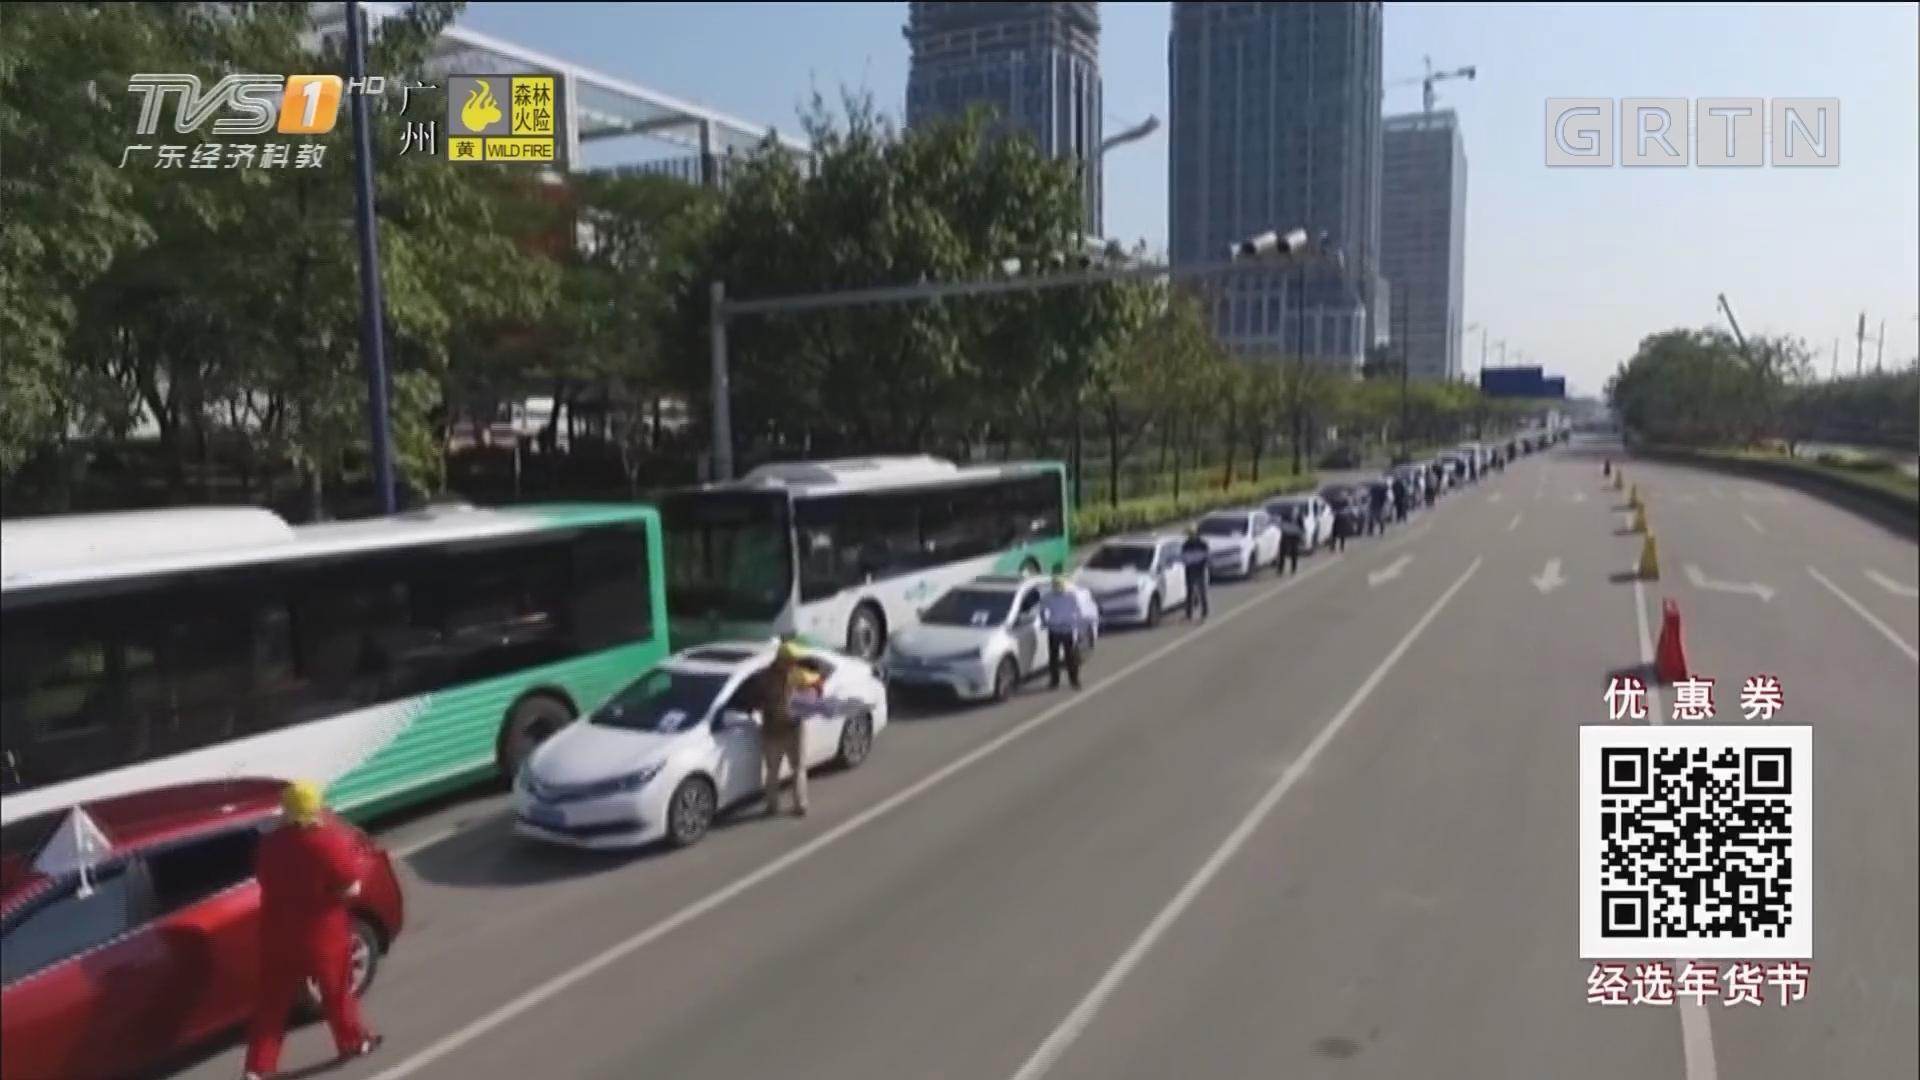 运力大比拼:1台公交车等于50台小汽车